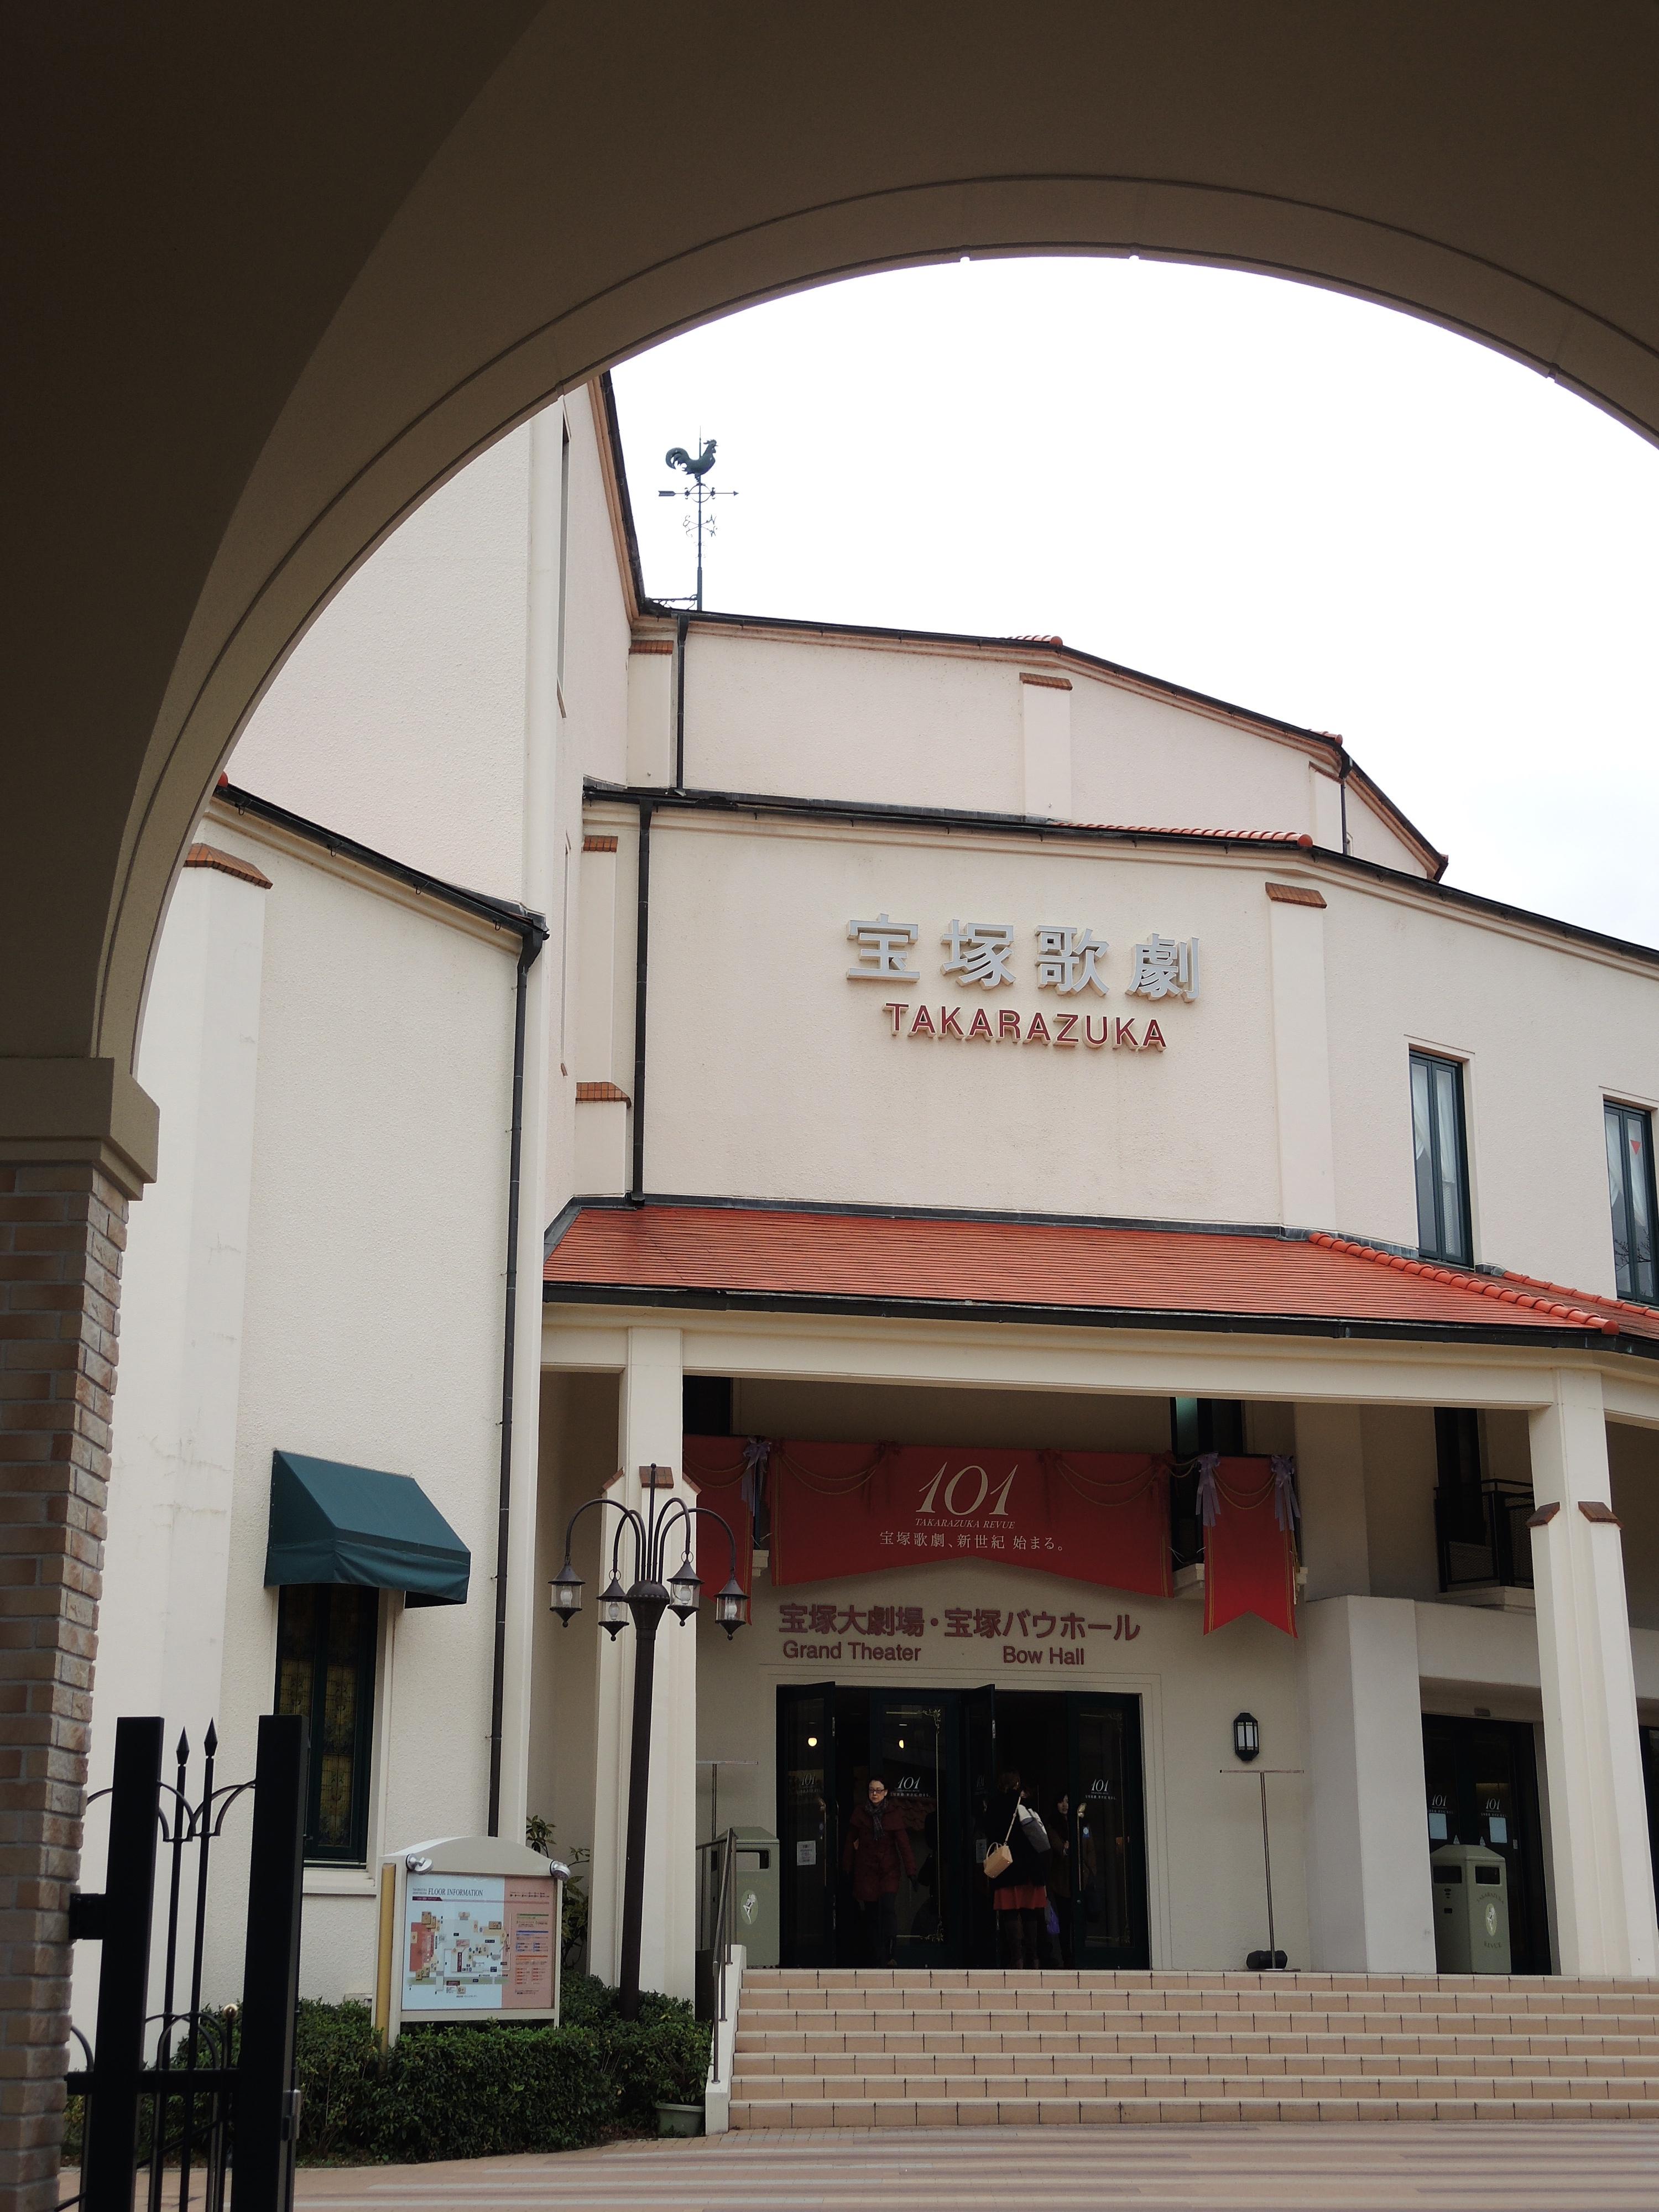 寶塚大劇場入口(圖片來源:可樂旅遊 蕭若玫)